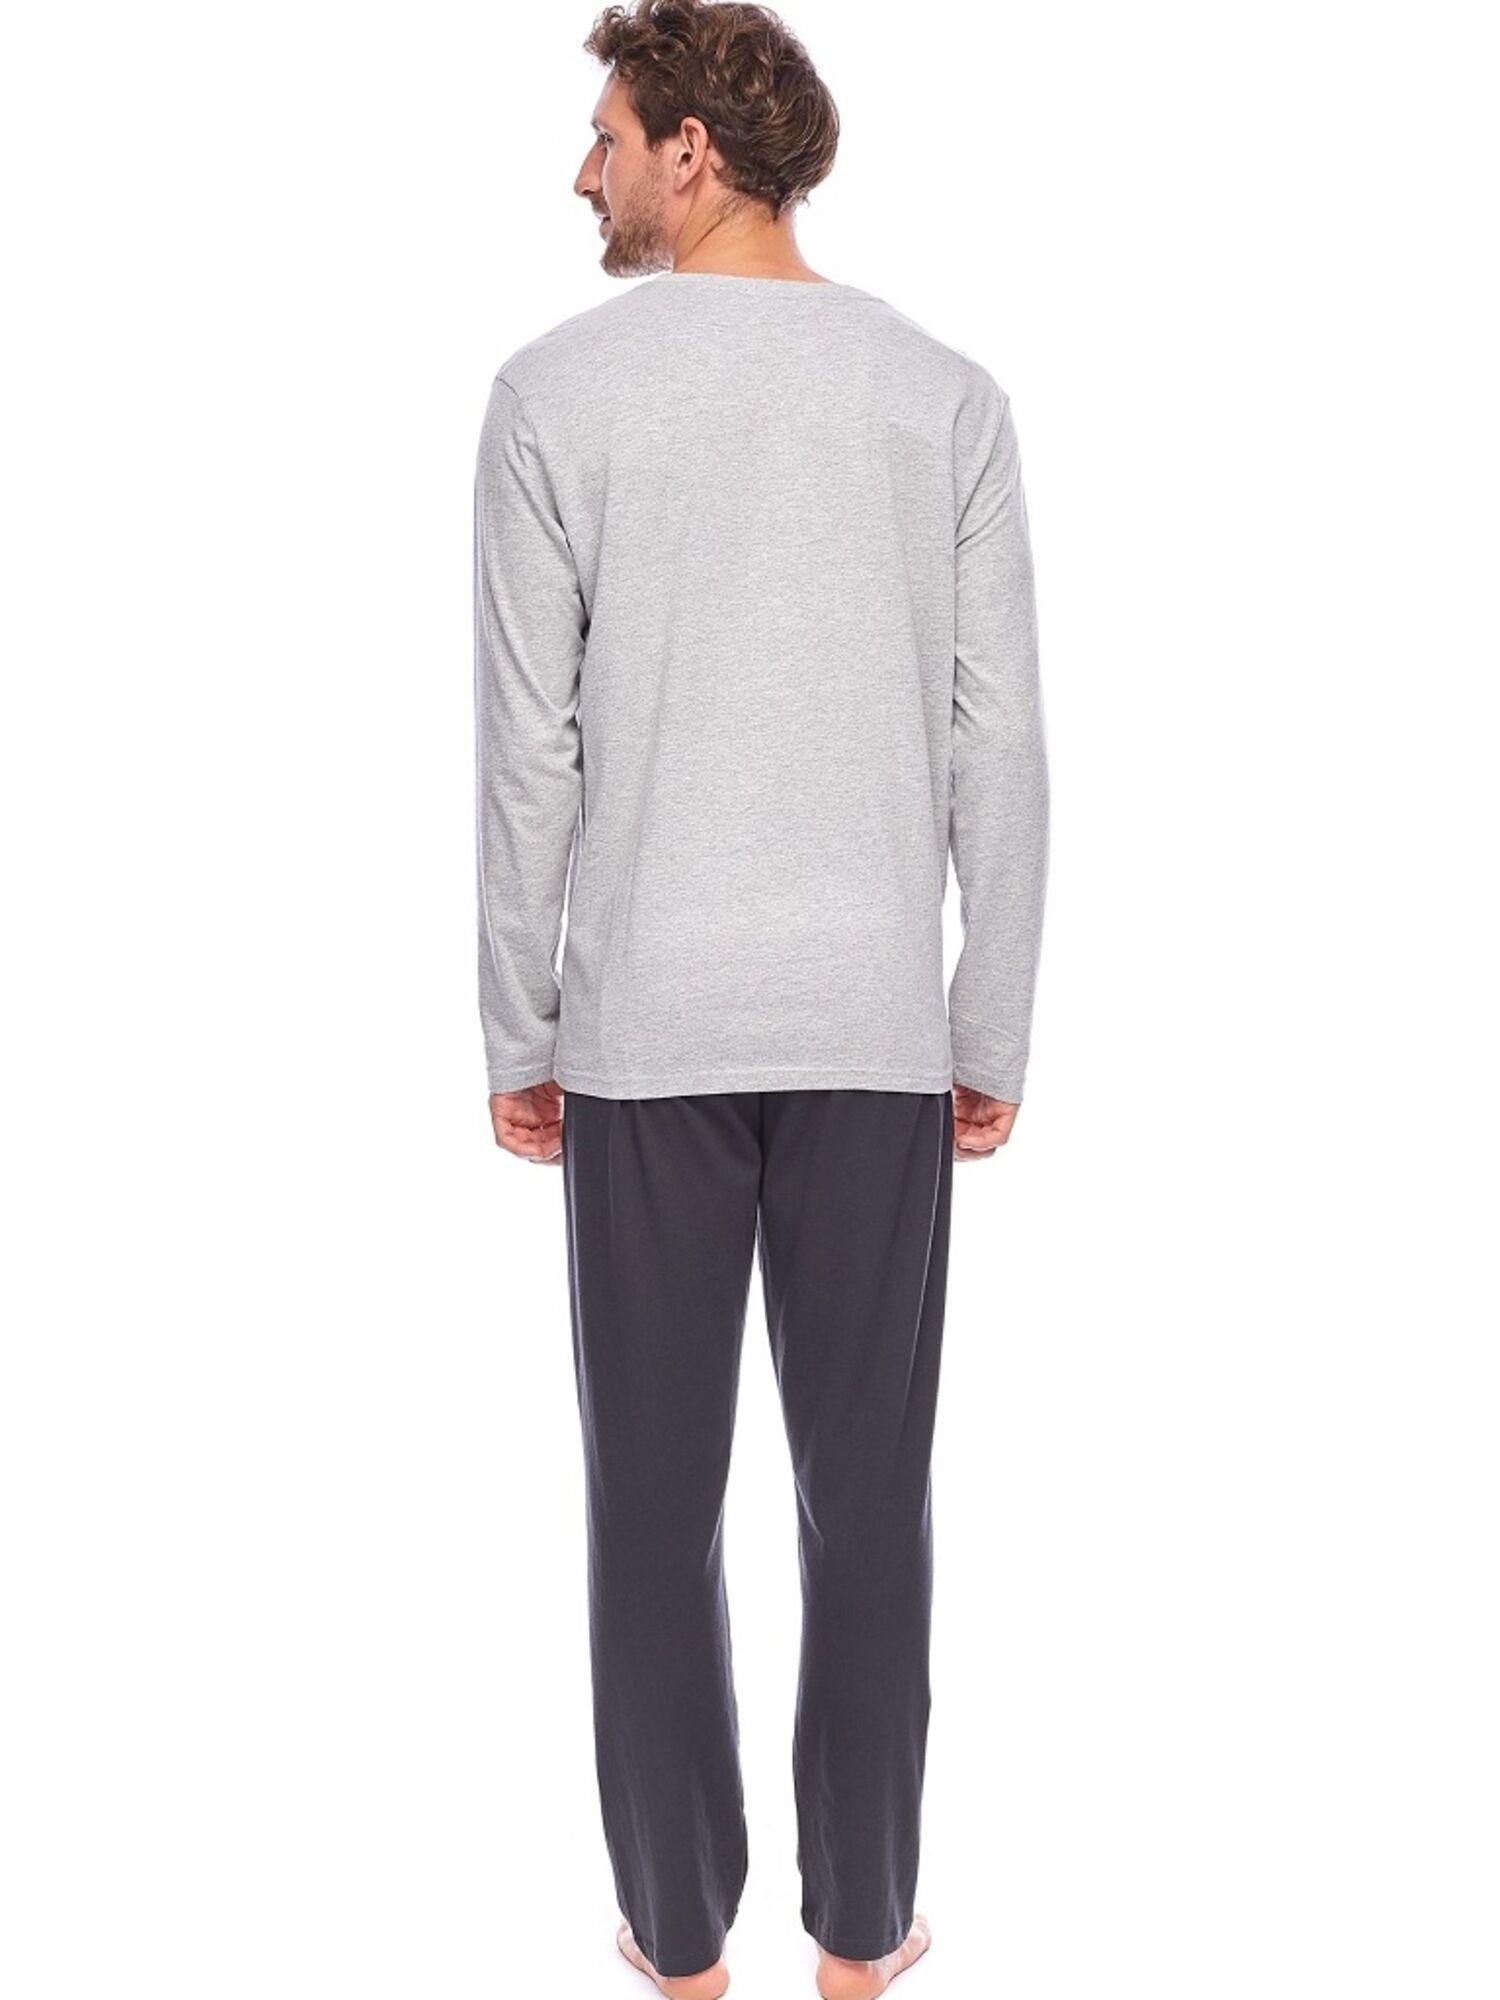 Пижама мужская из хлопка со штанами PY-157 серый/графит, ROSSLI